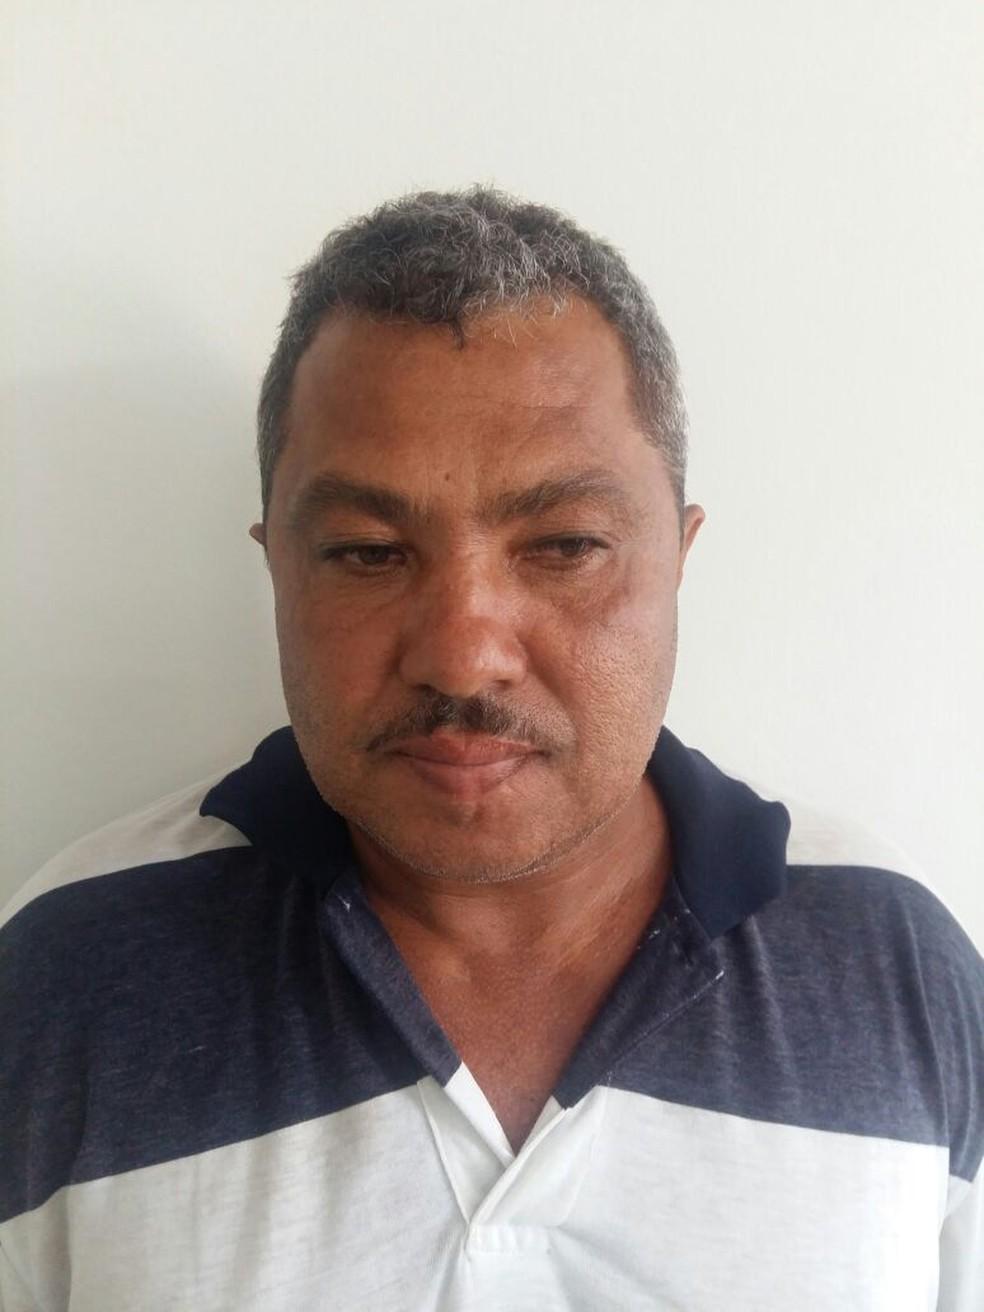 João Maria Rodrigues do Nascimento, 43 anos, suspeito de integrar grupo de extermínio na Grande Natal (Foto: Divulgação/Polícia Civil)